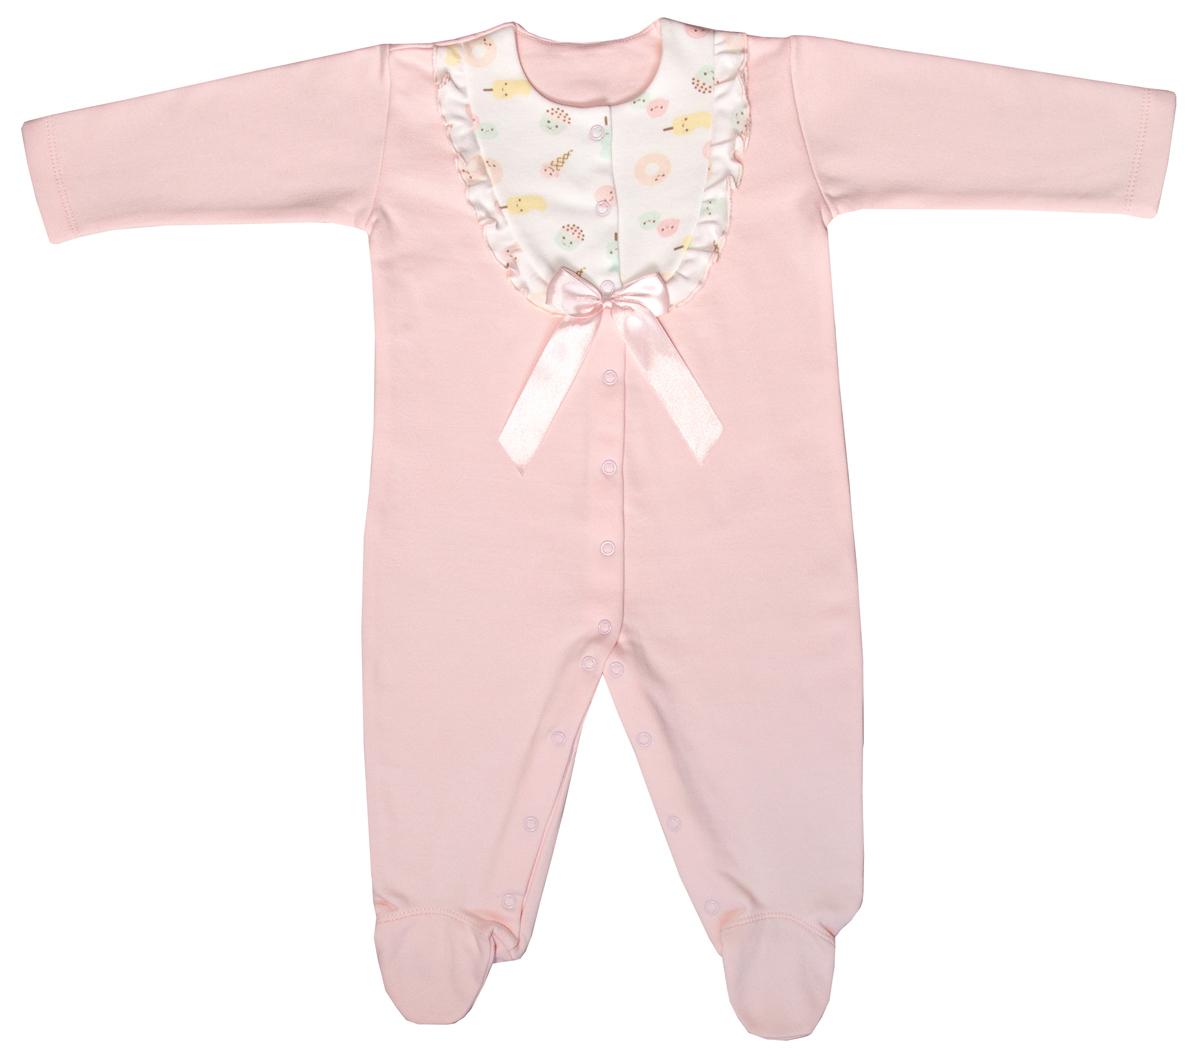 Комбинезон домашний для девочки Мамуляндия Сластена, цвет: розовый. 17-802. Размер 5617-802Комбинезон домашний для девочки Мамуляндия с длинными рукавами и круглым вырезом горловины послужит идеальным дополнением к гардеробу вашего малыша, обеспечивая ему наибольший комфорт. Изготовленный из натурального хлопка, он необычайно мягкий и легкий, не раздражает нежную кожу ребенка и хорошо вентилируется, а эластичные швы приятны телу младенца и не препятствуют его движениям. Удобные застежки-кнопки помогают легко переодеть малыша.